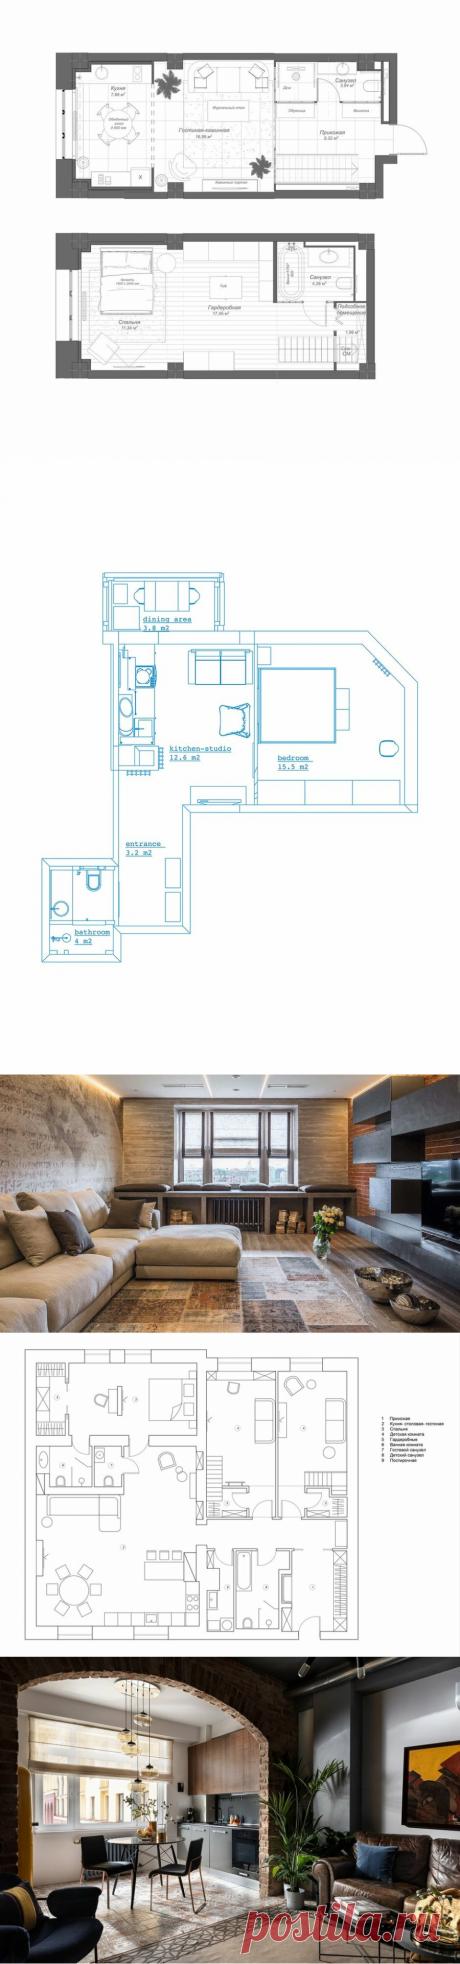 Как грамотная планировка может увеличить площадь квартиры почти вдвое | INMYROOM.RU | Яндекс Дзен